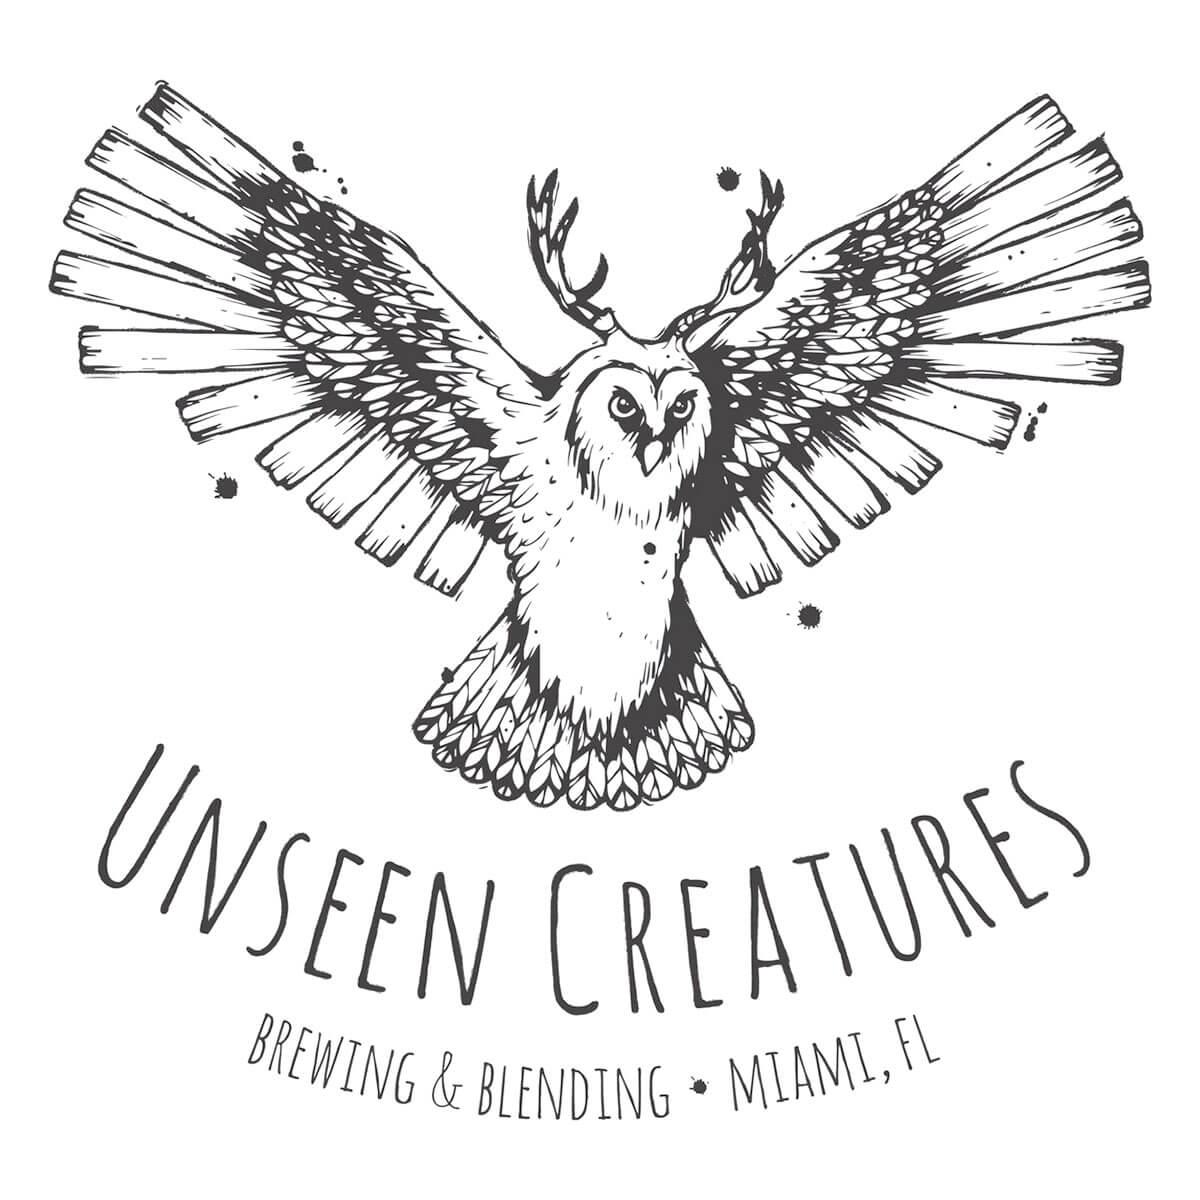 Unseen Creatures Brewing & Blending Logo